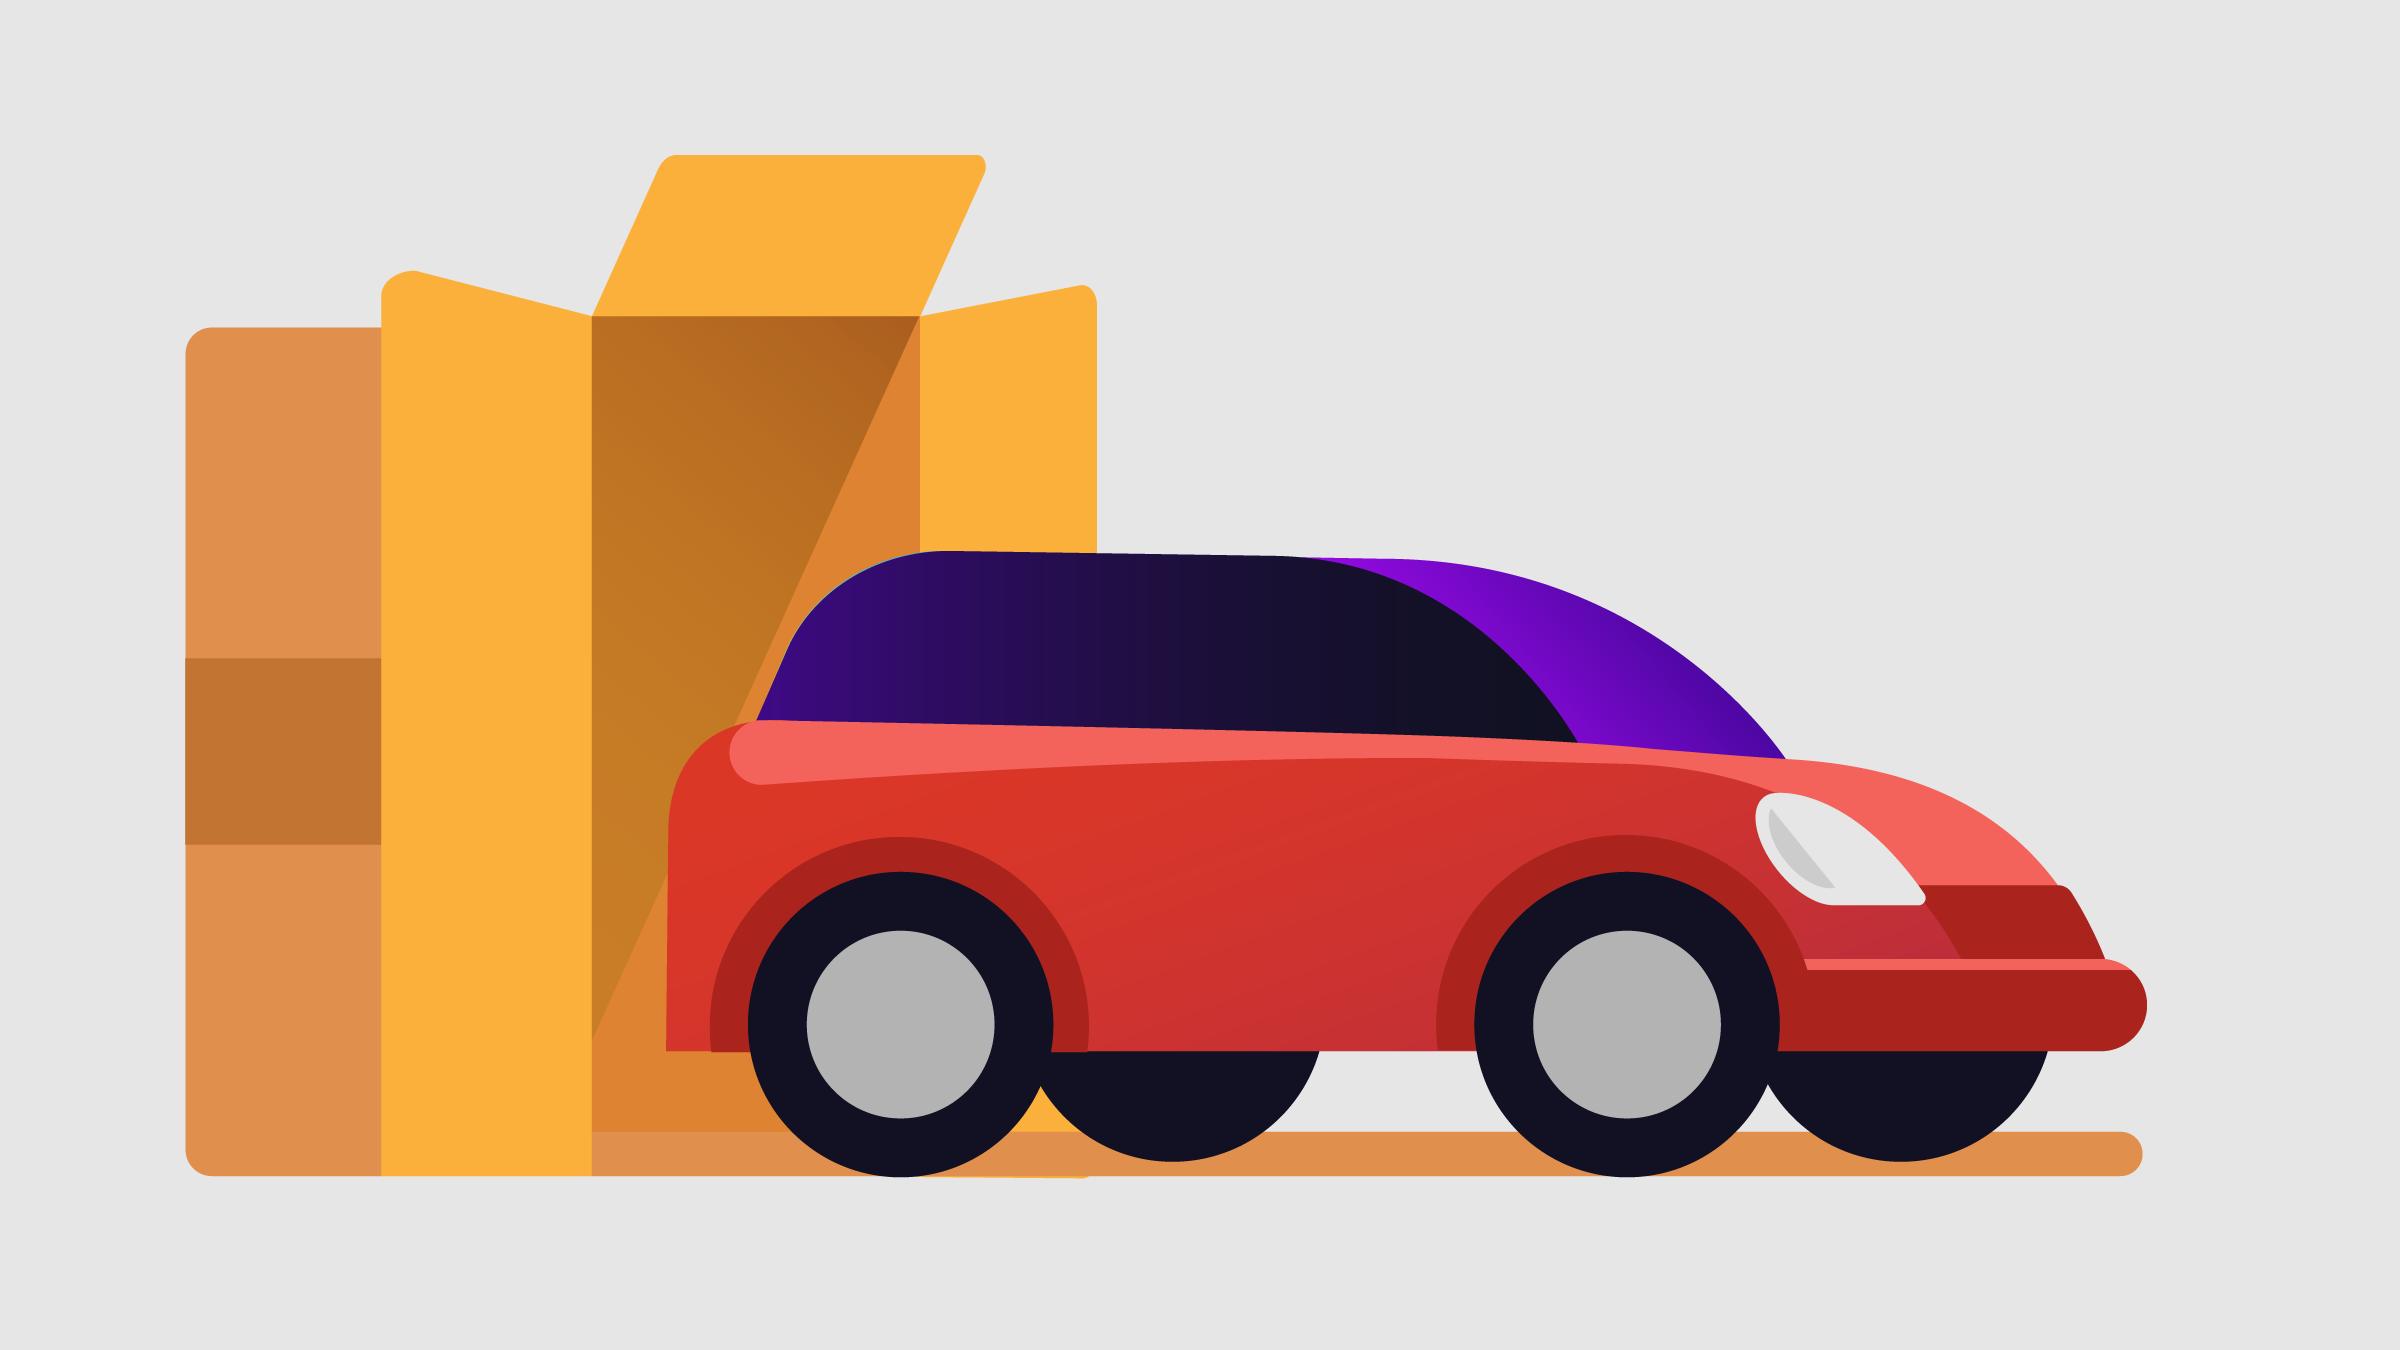 Россияне готовы заказывать и оплачивать автомобили через интернет